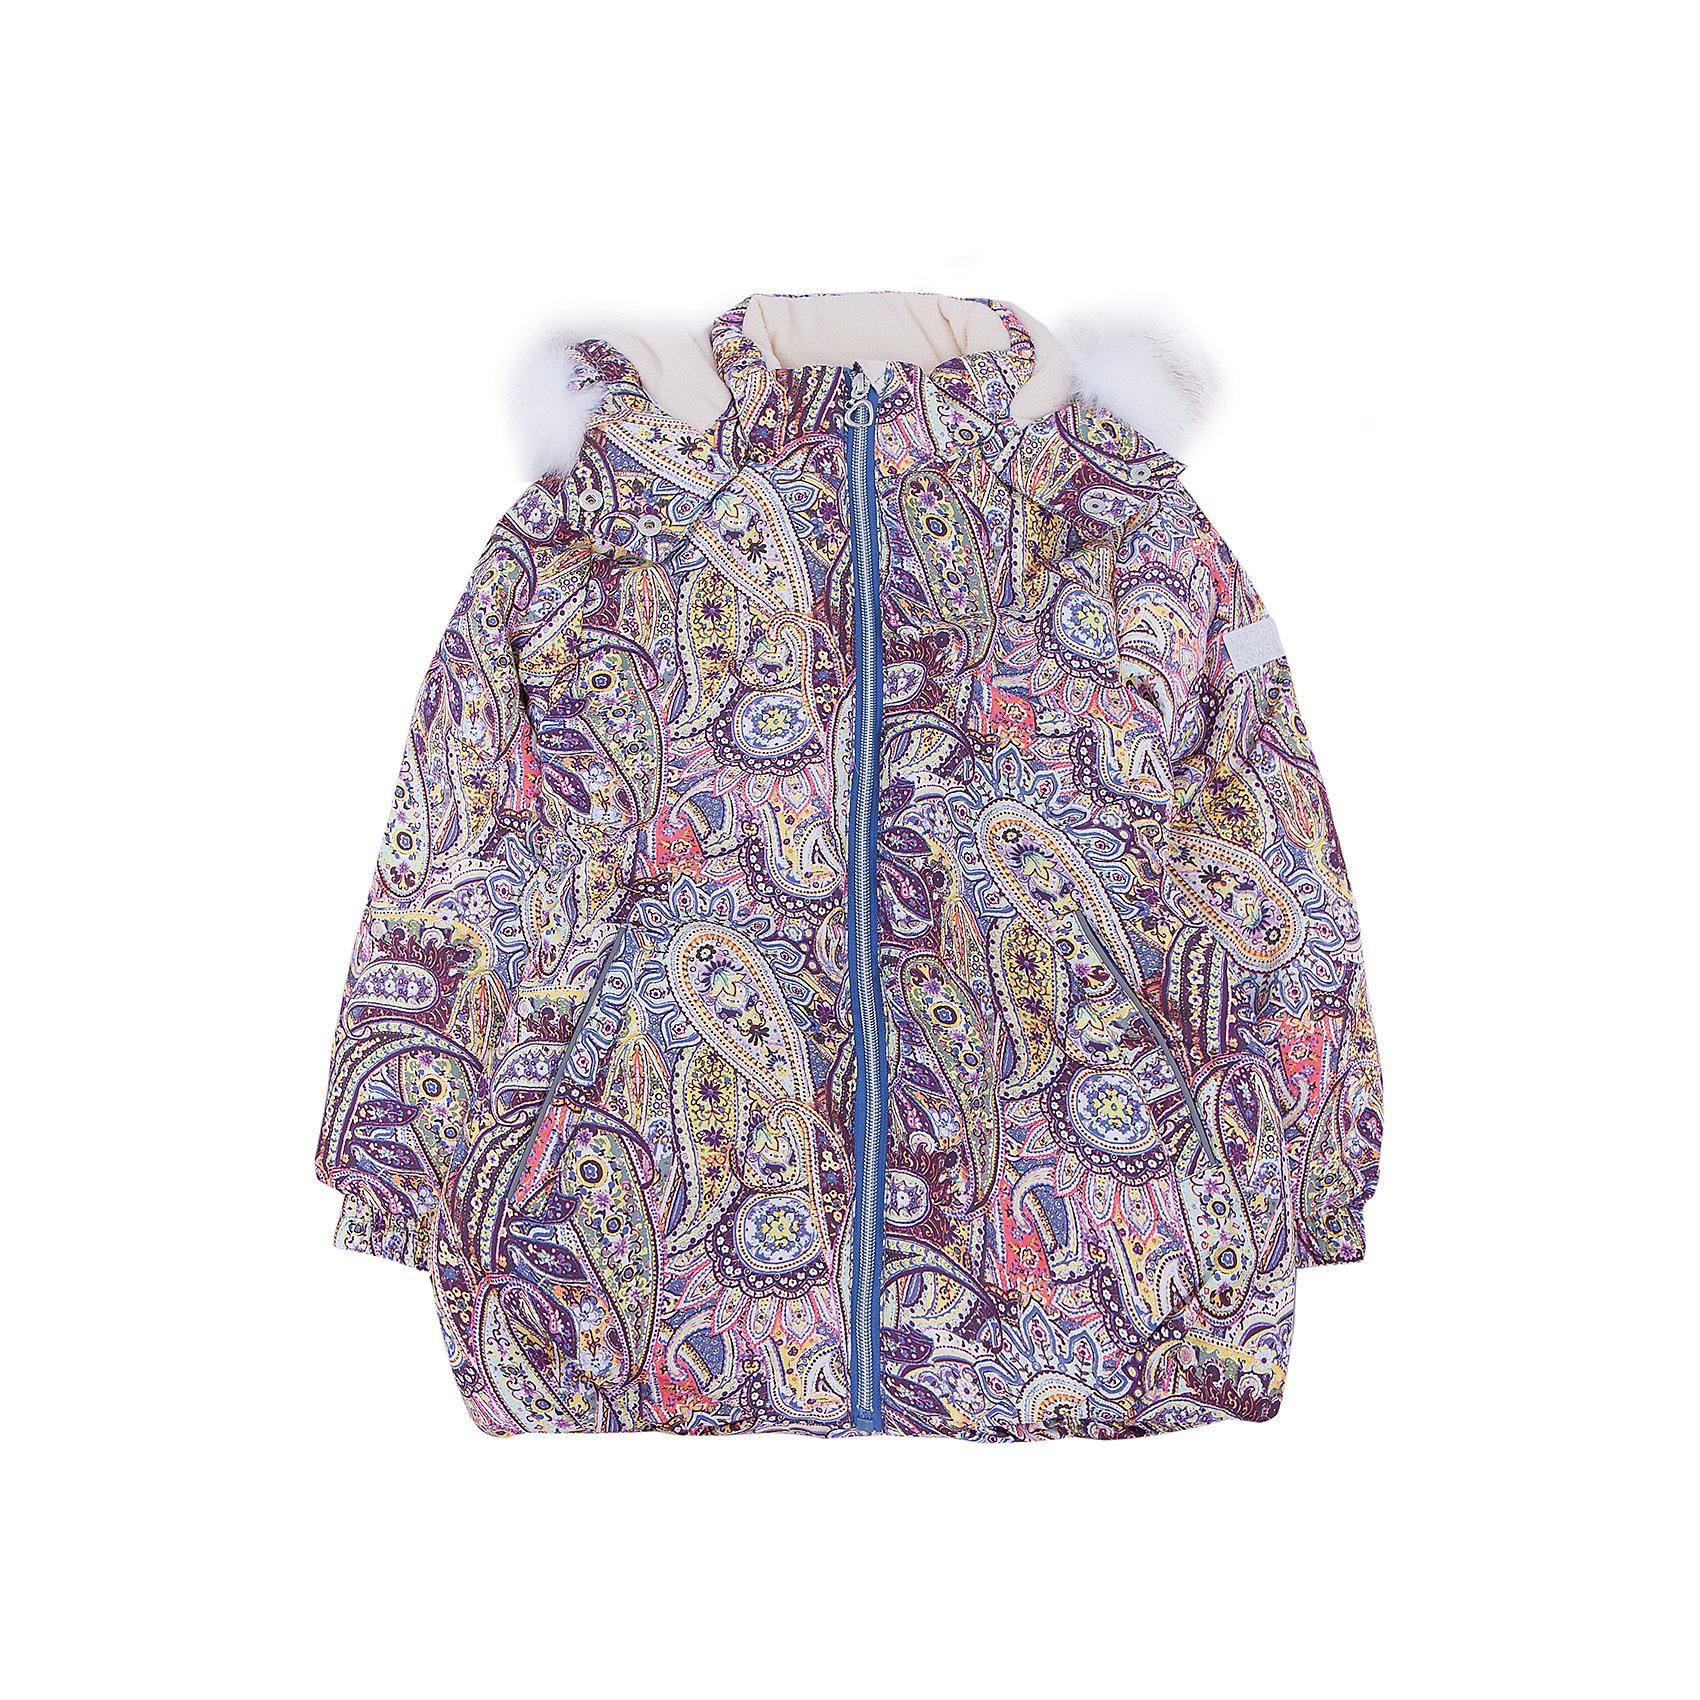 Куртка для девочки SELAВерхняя одежда<br>Такая стильная утепленная куртка - незаменимая вещь в прохладное время года. Эта модель отлично сидит на ребенке, она сшита из плотного материала, позволяет гулять и заниматься спортом на свежем воздухе. Подкладка и утеплитель обеспечивают ребенку комфорт. Модель дополнена капюшоном и карманами.<br>Одежда от бренда Sela (Села) - это качество по приемлемым ценам. Многие российские родители уже оценили преимущества продукции этой компании и всё чаще приобретают одежду и аксессуары Sela.<br><br>Дополнительная информация:<br><br>цвет: разноцветный;<br>материал: 100% ПЭ; подкладка:100% ПЭ; утеплитель:100% ПЭ; мех: искусственный;<br>капюшон;<br>карманы;<br>молния.<br><br>Куртку для девочки от бренда Sela можно купить в нашем интернет-магазине.<br><br>Ширина мм: 356<br>Глубина мм: 10<br>Высота мм: 245<br>Вес г: 519<br>Цвет: голубой<br>Возраст от месяцев: 36<br>Возраст до месяцев: 48<br>Пол: Женский<br>Возраст: Детский<br>Размер: 104,98,116,110<br>SKU: 4912959